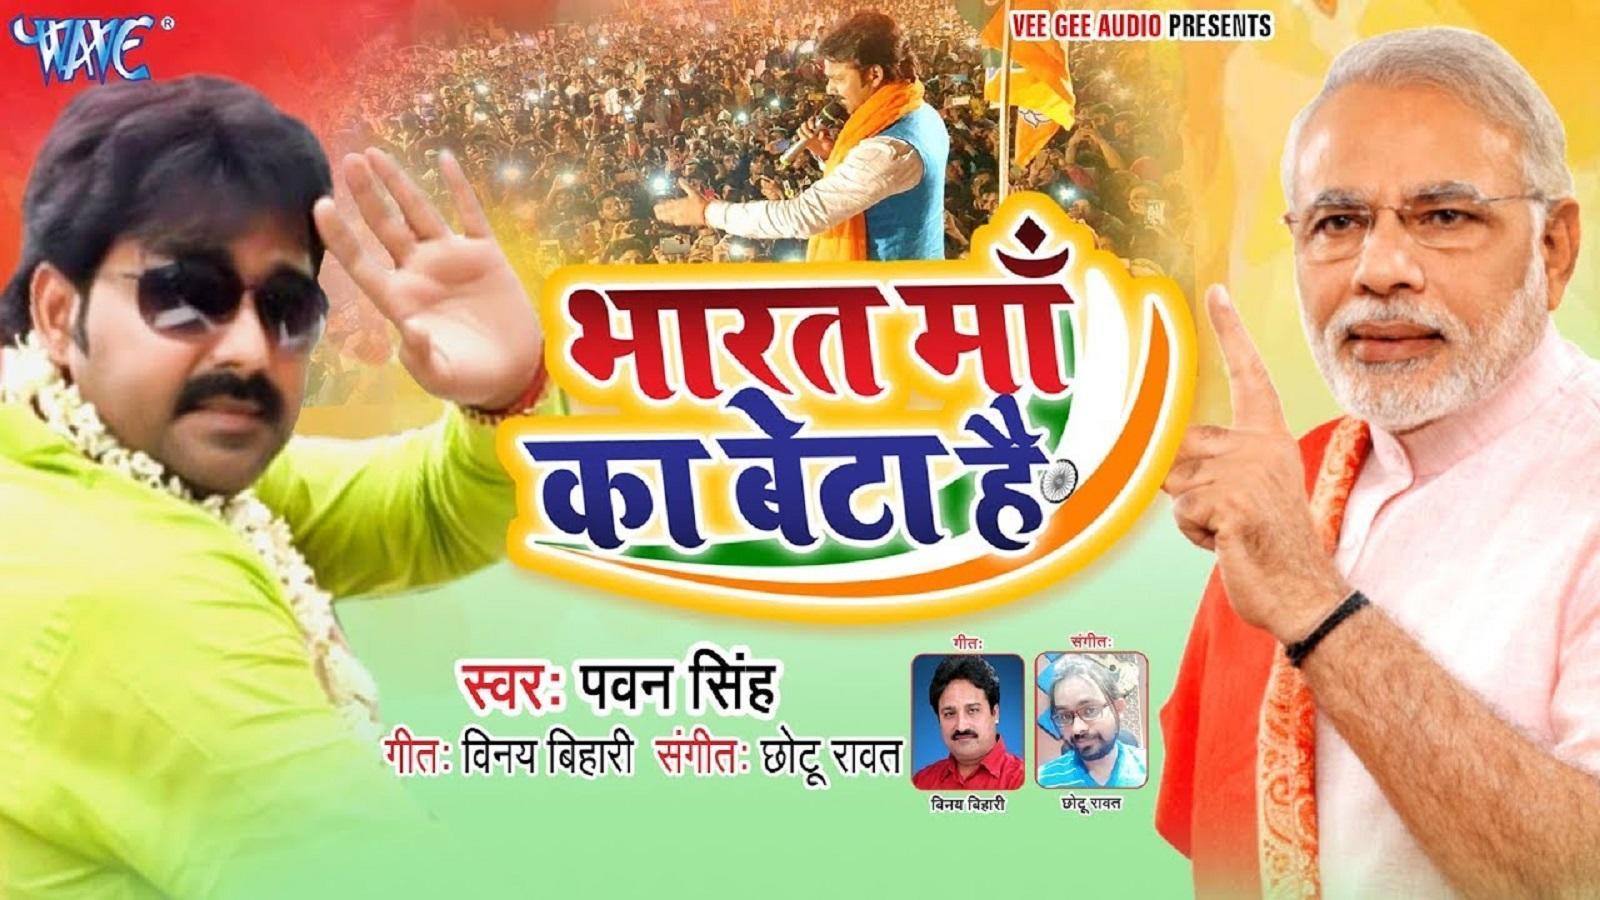 Naya Bhojpuri Gana Video Song: Latest Bhojpuri song 'Bharat Maa Ka